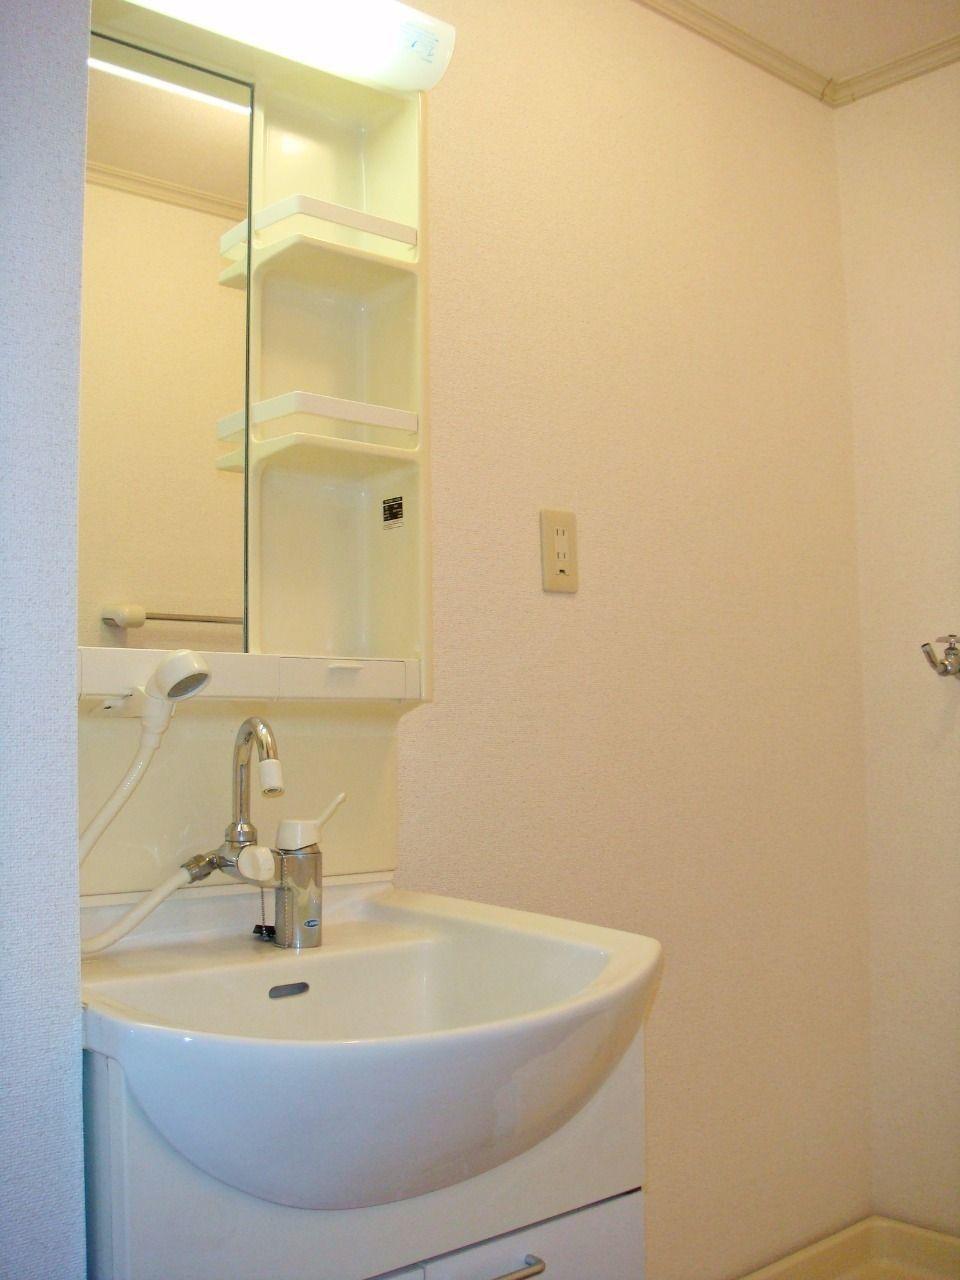 ハンドシャワー付きで、とても便利です。寝癖直しや洗面台の掃除の際に大活躍します!